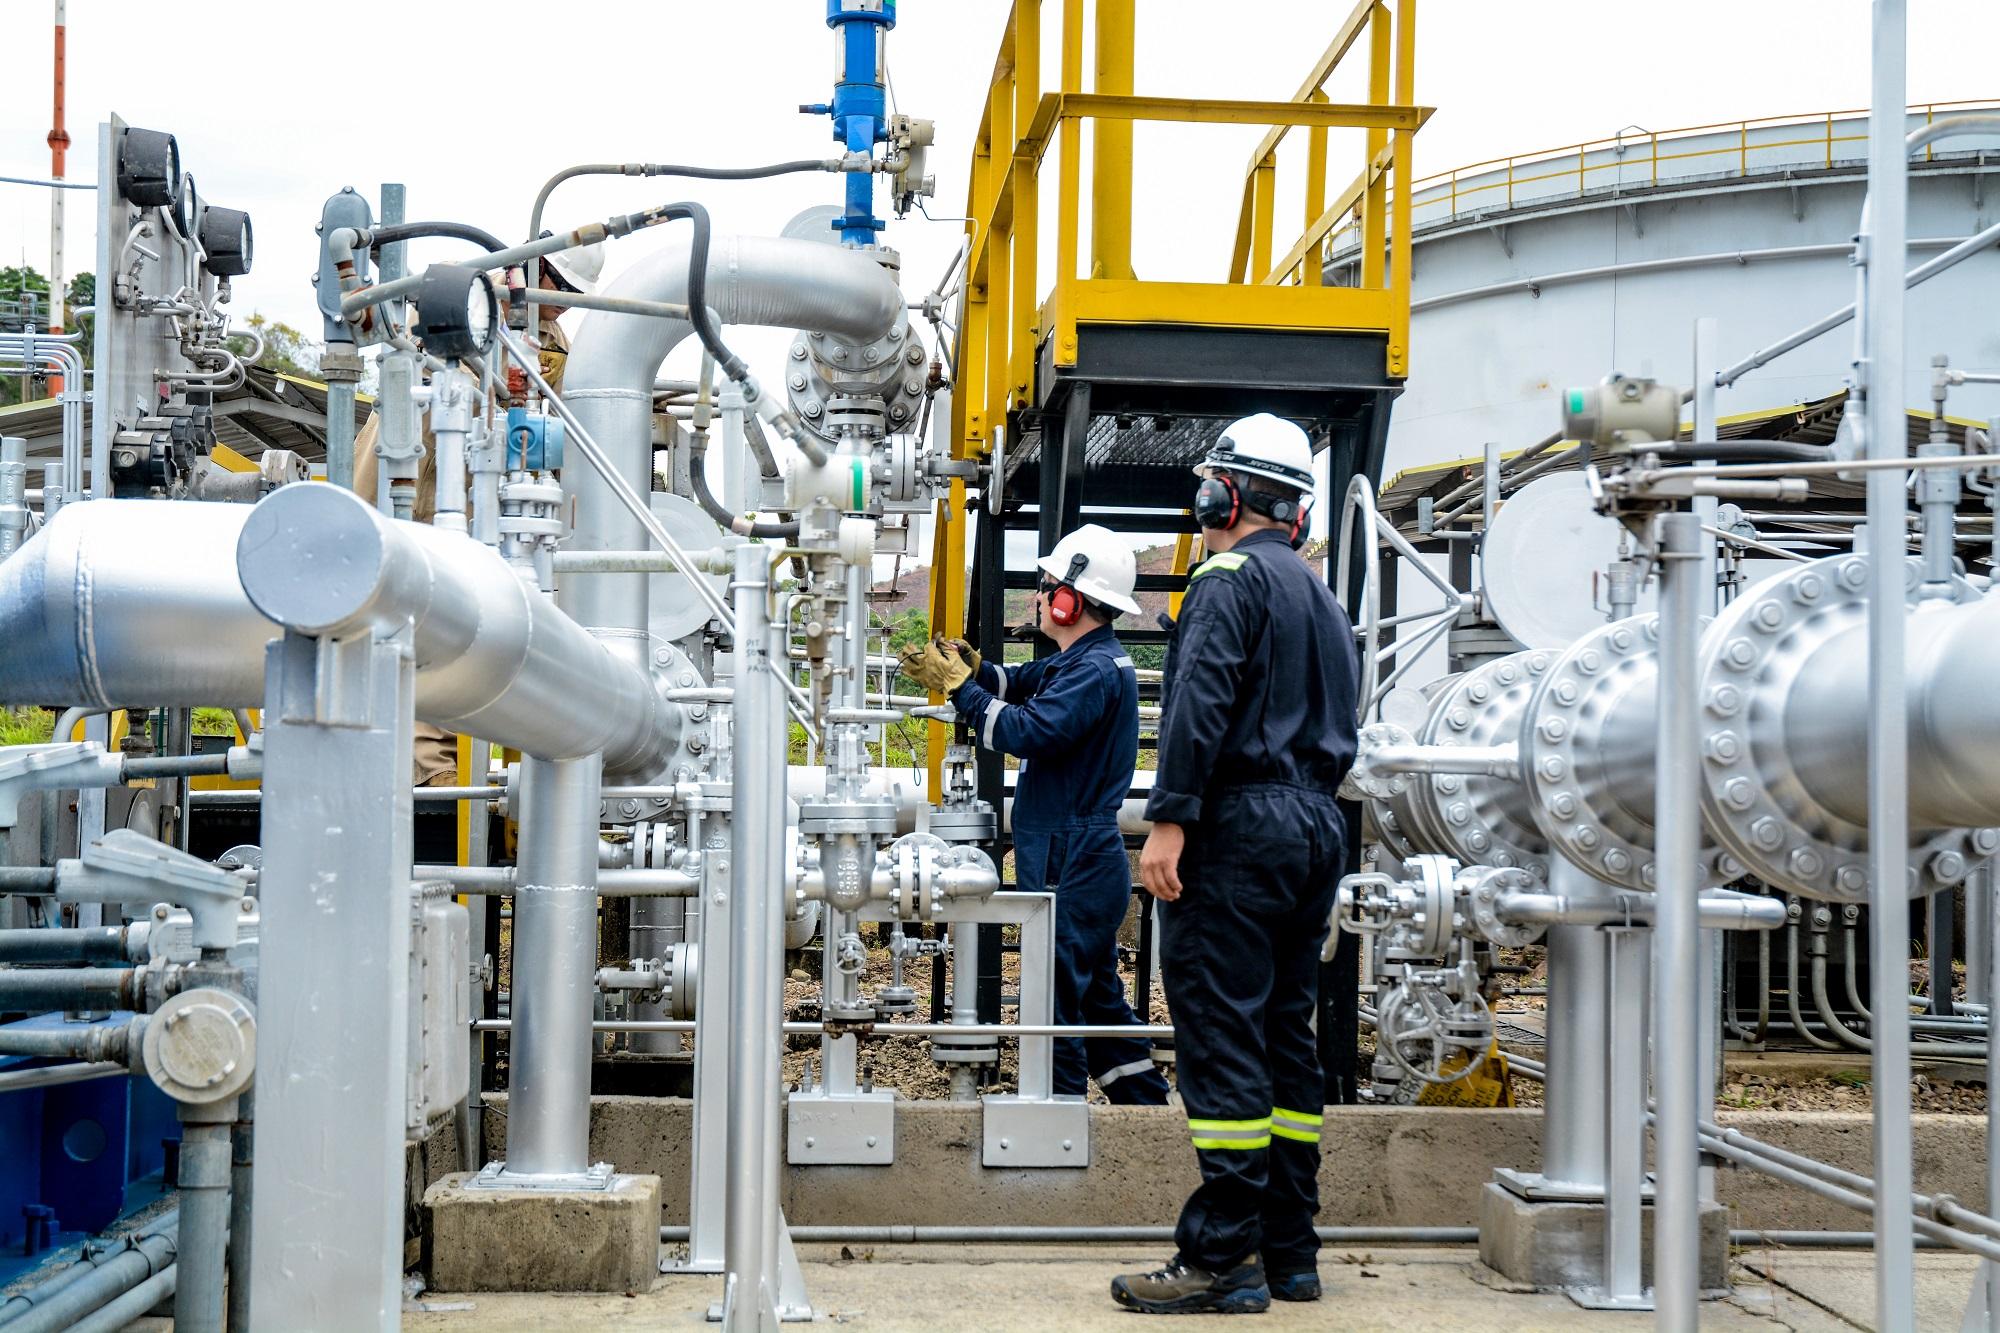 Más de 25 mil personas trabajaron con Ecopetrol  a través de sus empresas contratistas